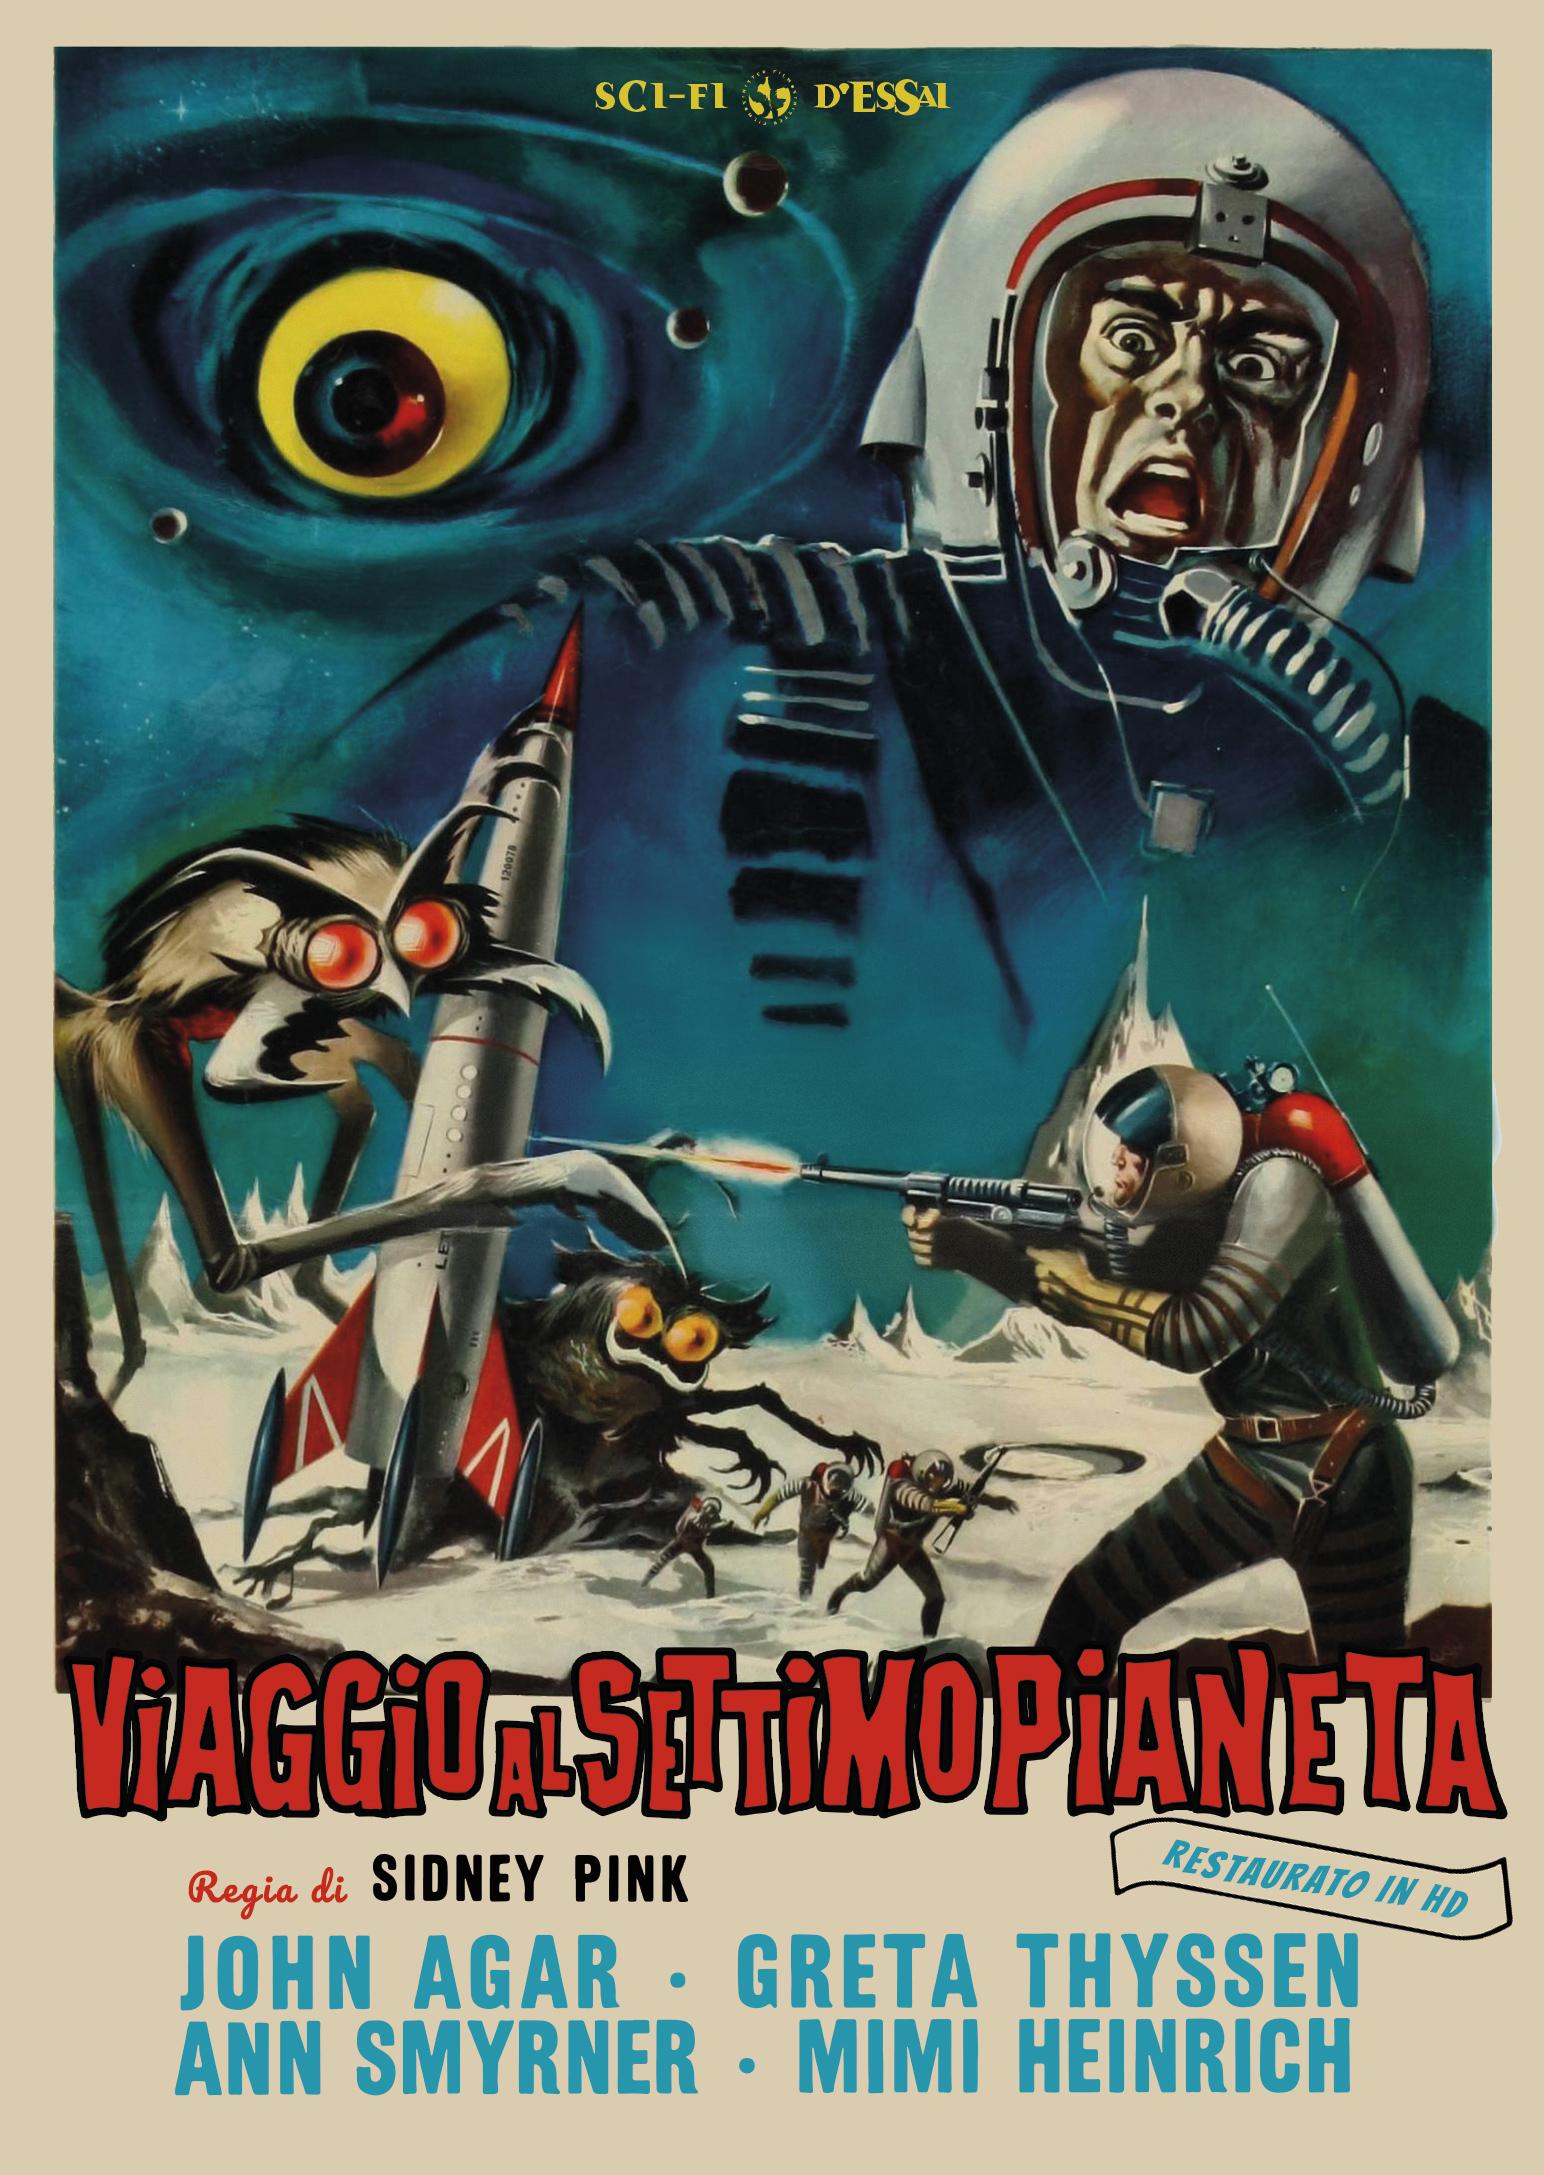 VIAGGIO AL SETTIMO PIANETA (RESTAURATO IN HD) (DVD)